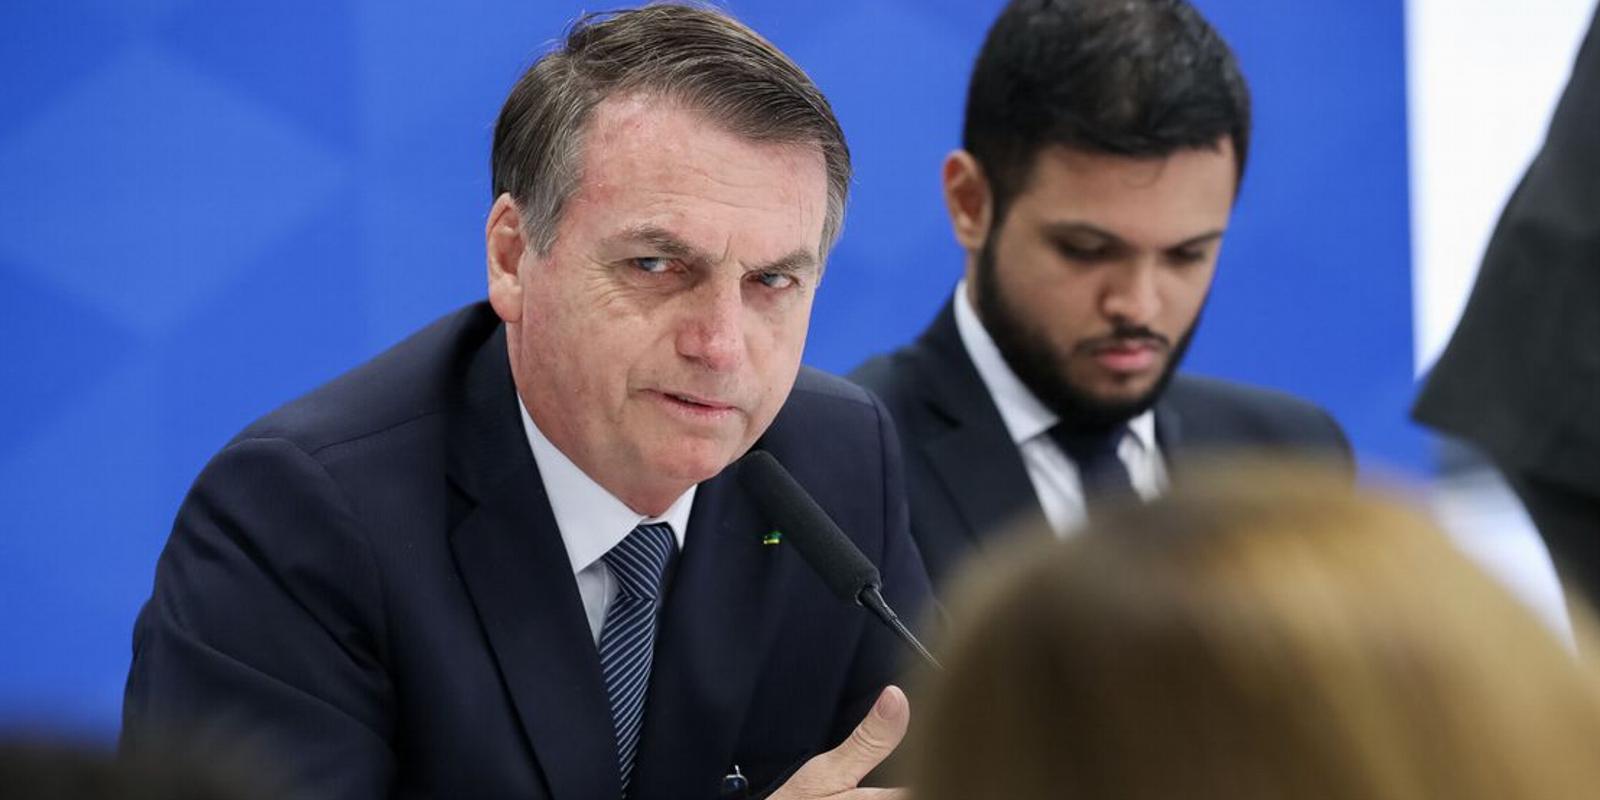 Única forma de se comunicar com segurança é pessoalmente, afirma Bolsonaro